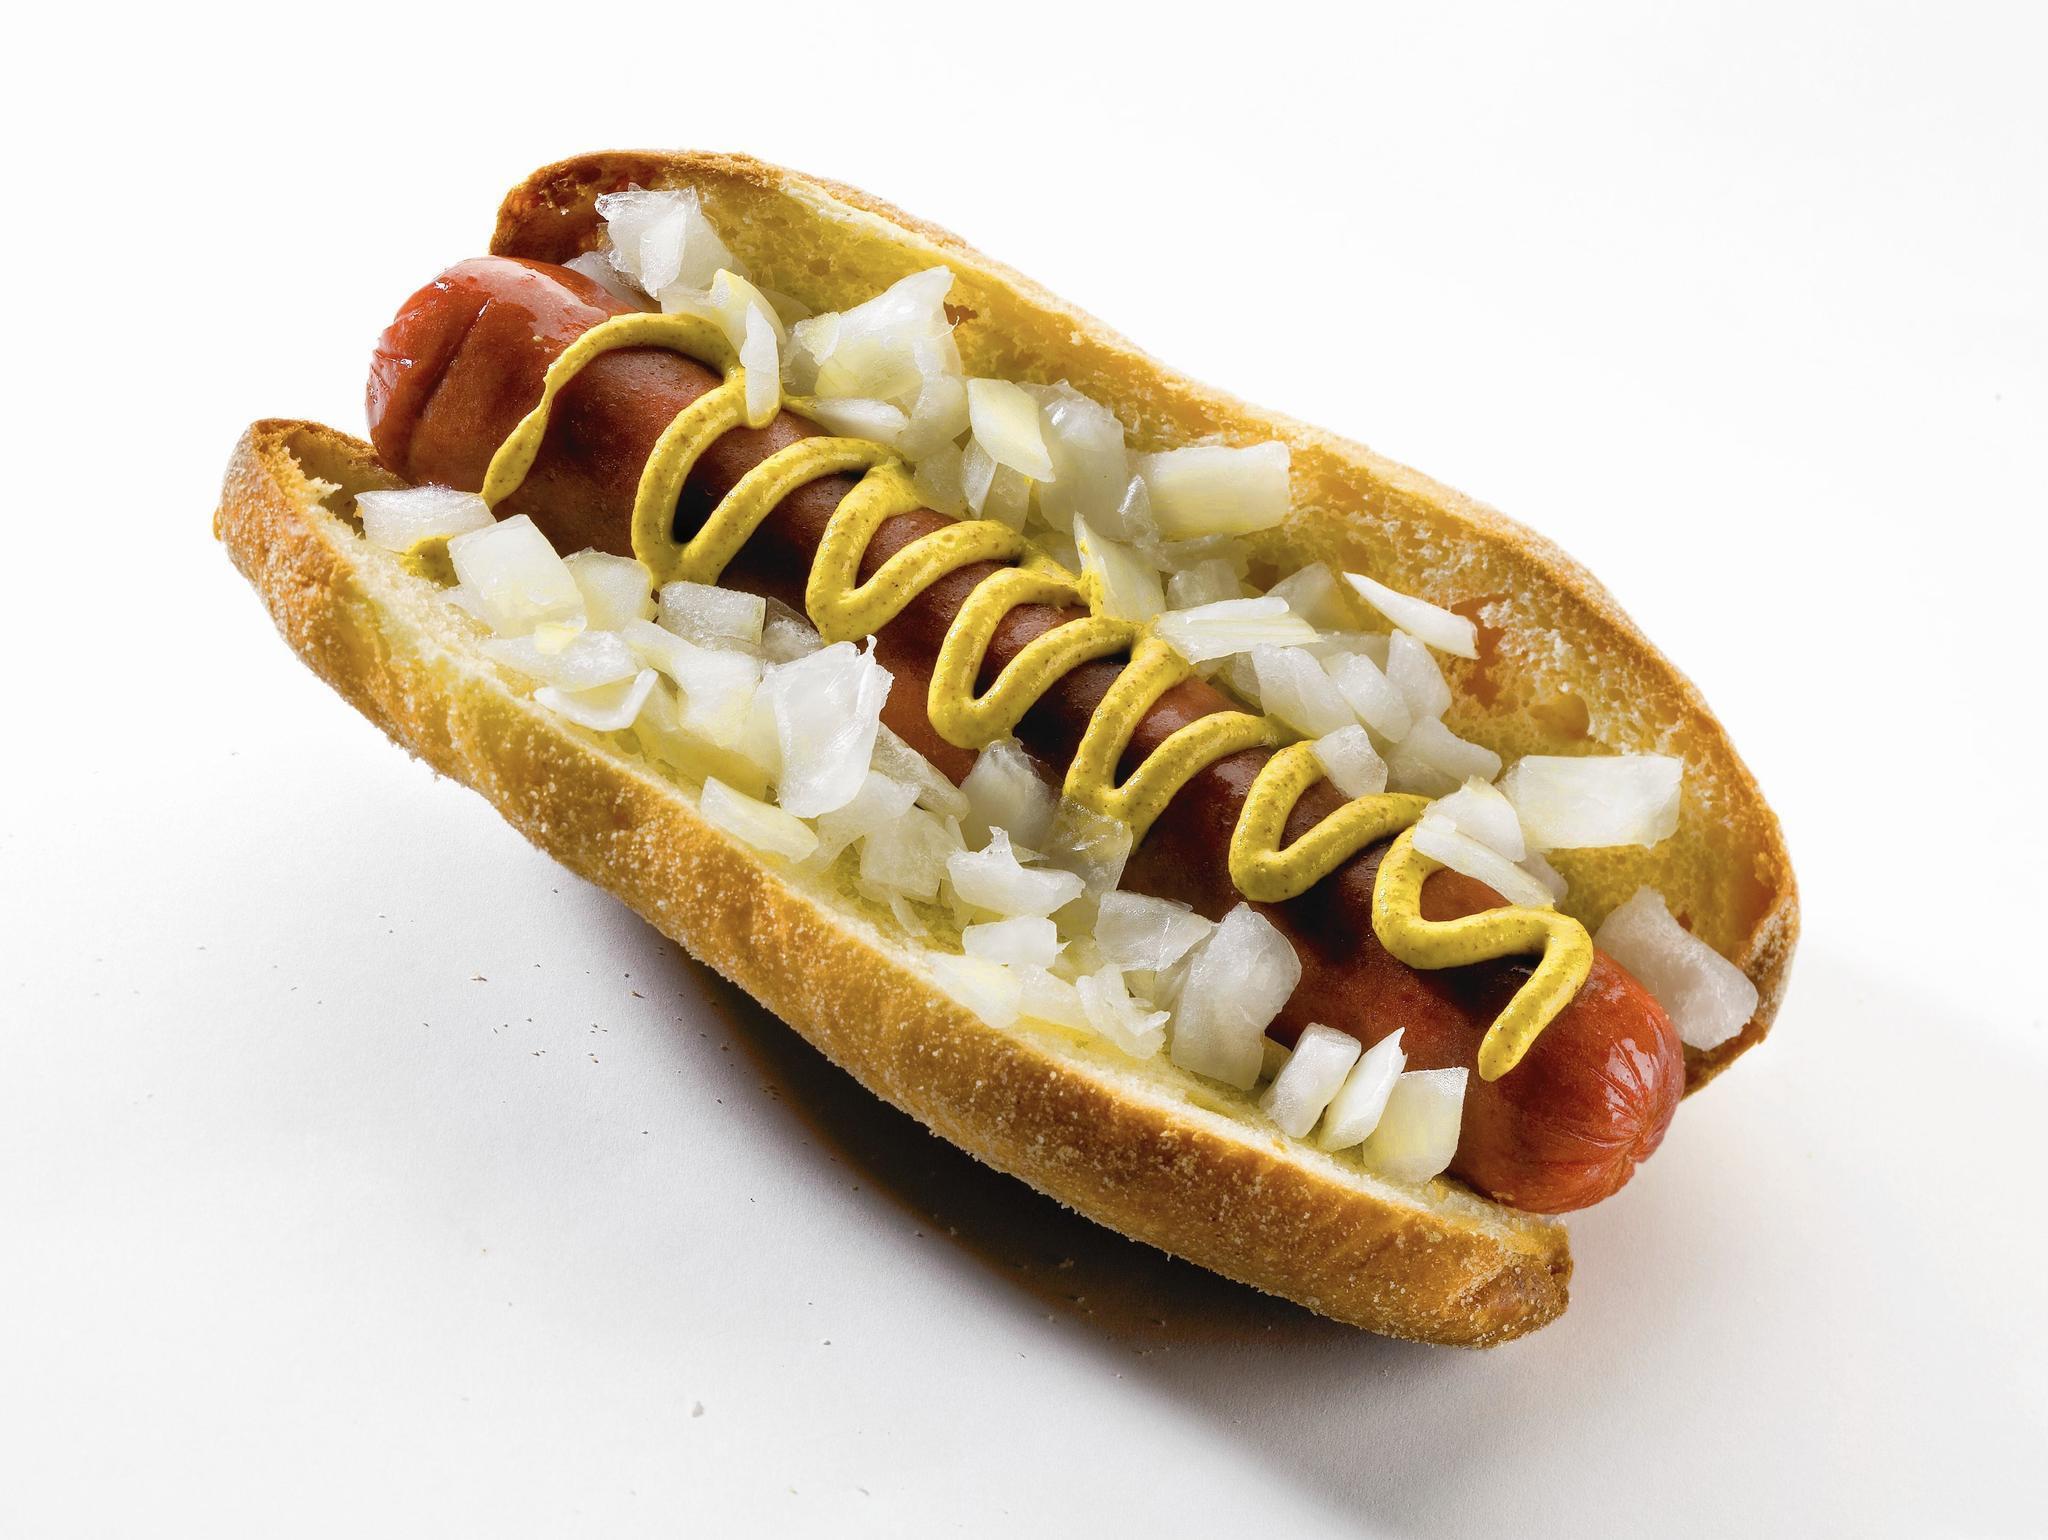 Best Tasting Hot Dog Brands